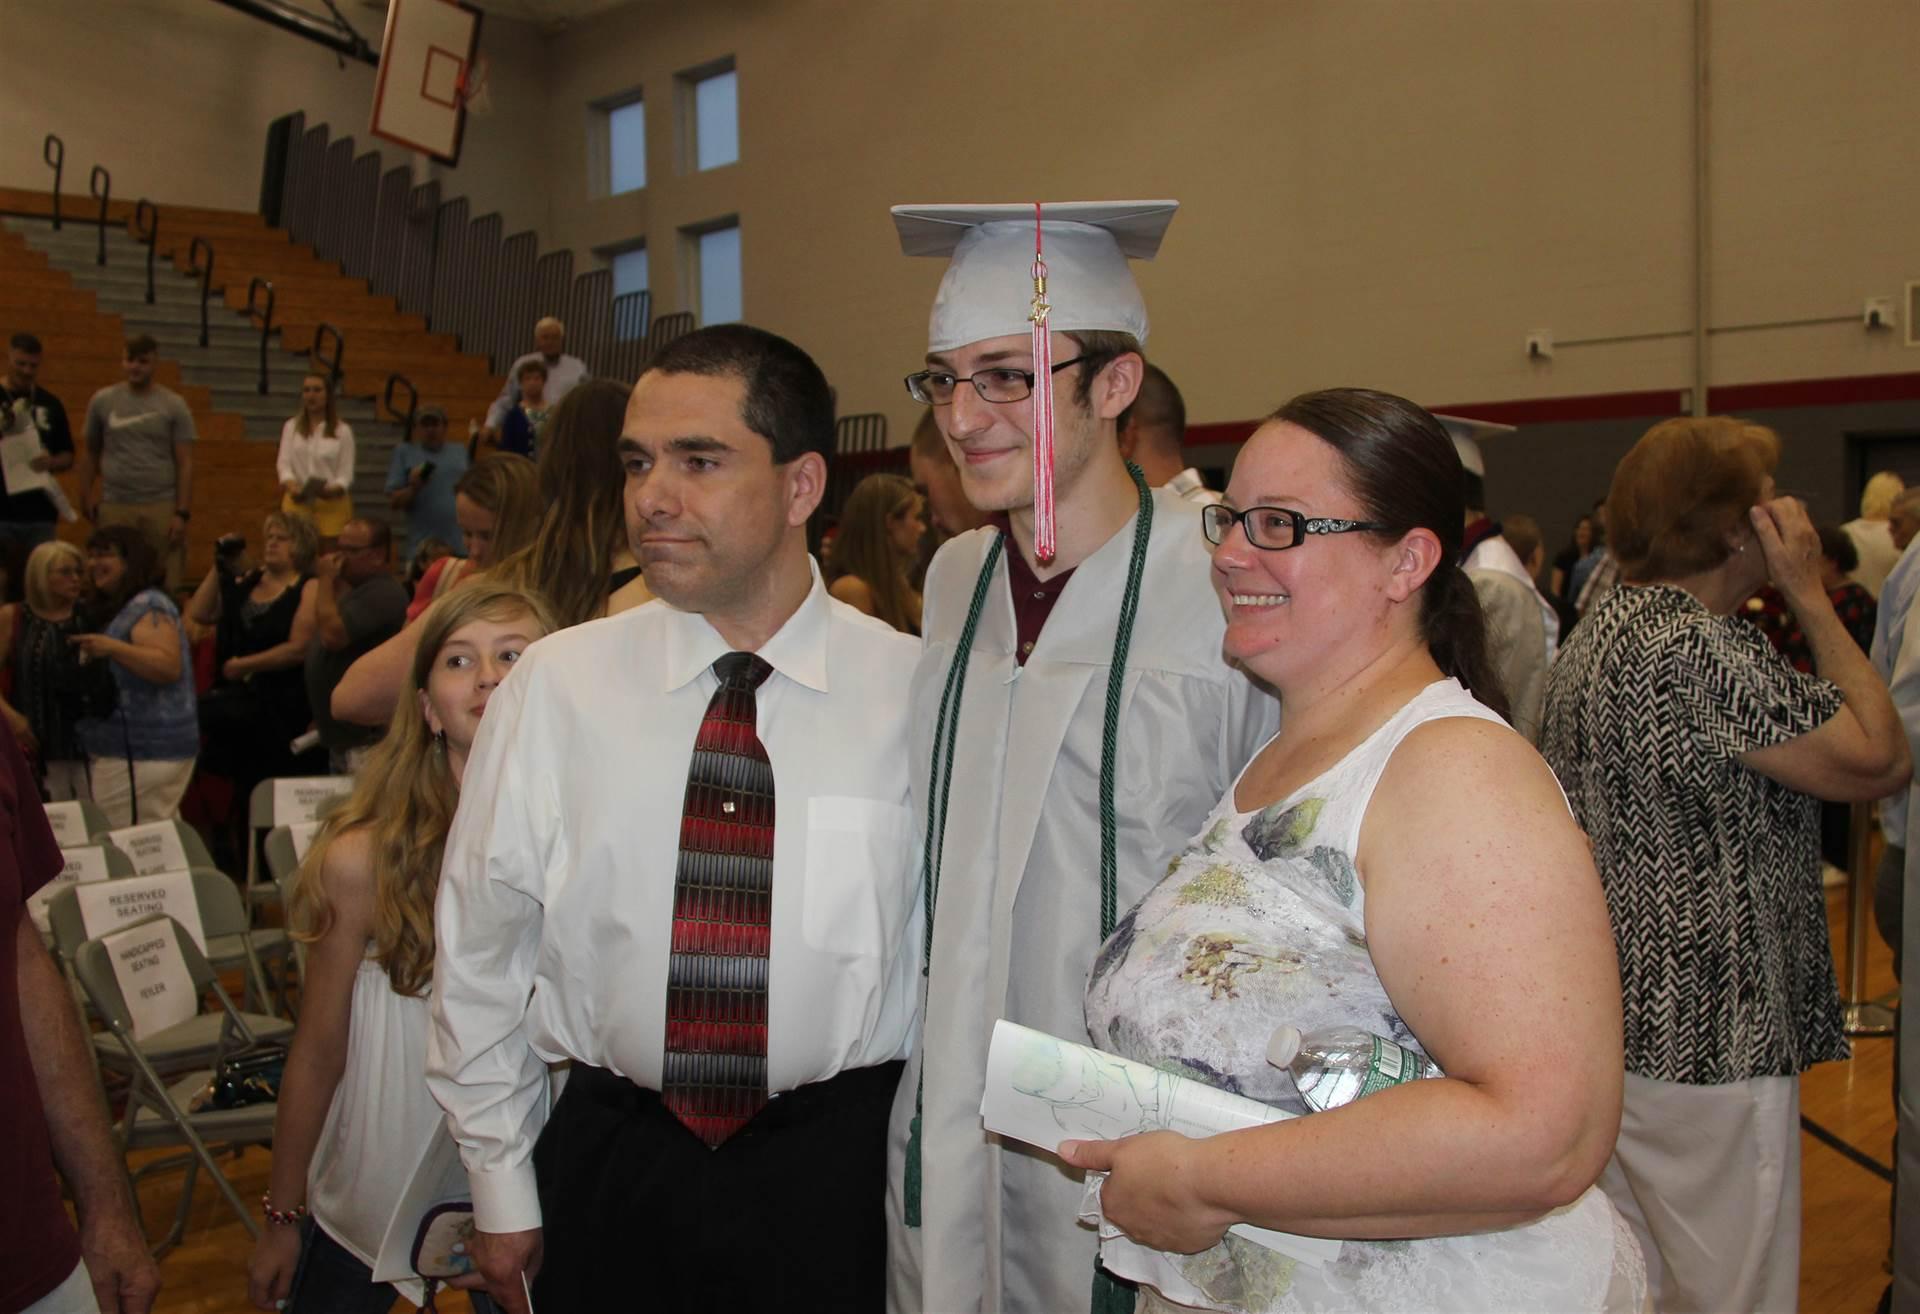 photo 313 from 2017 C V Graduation